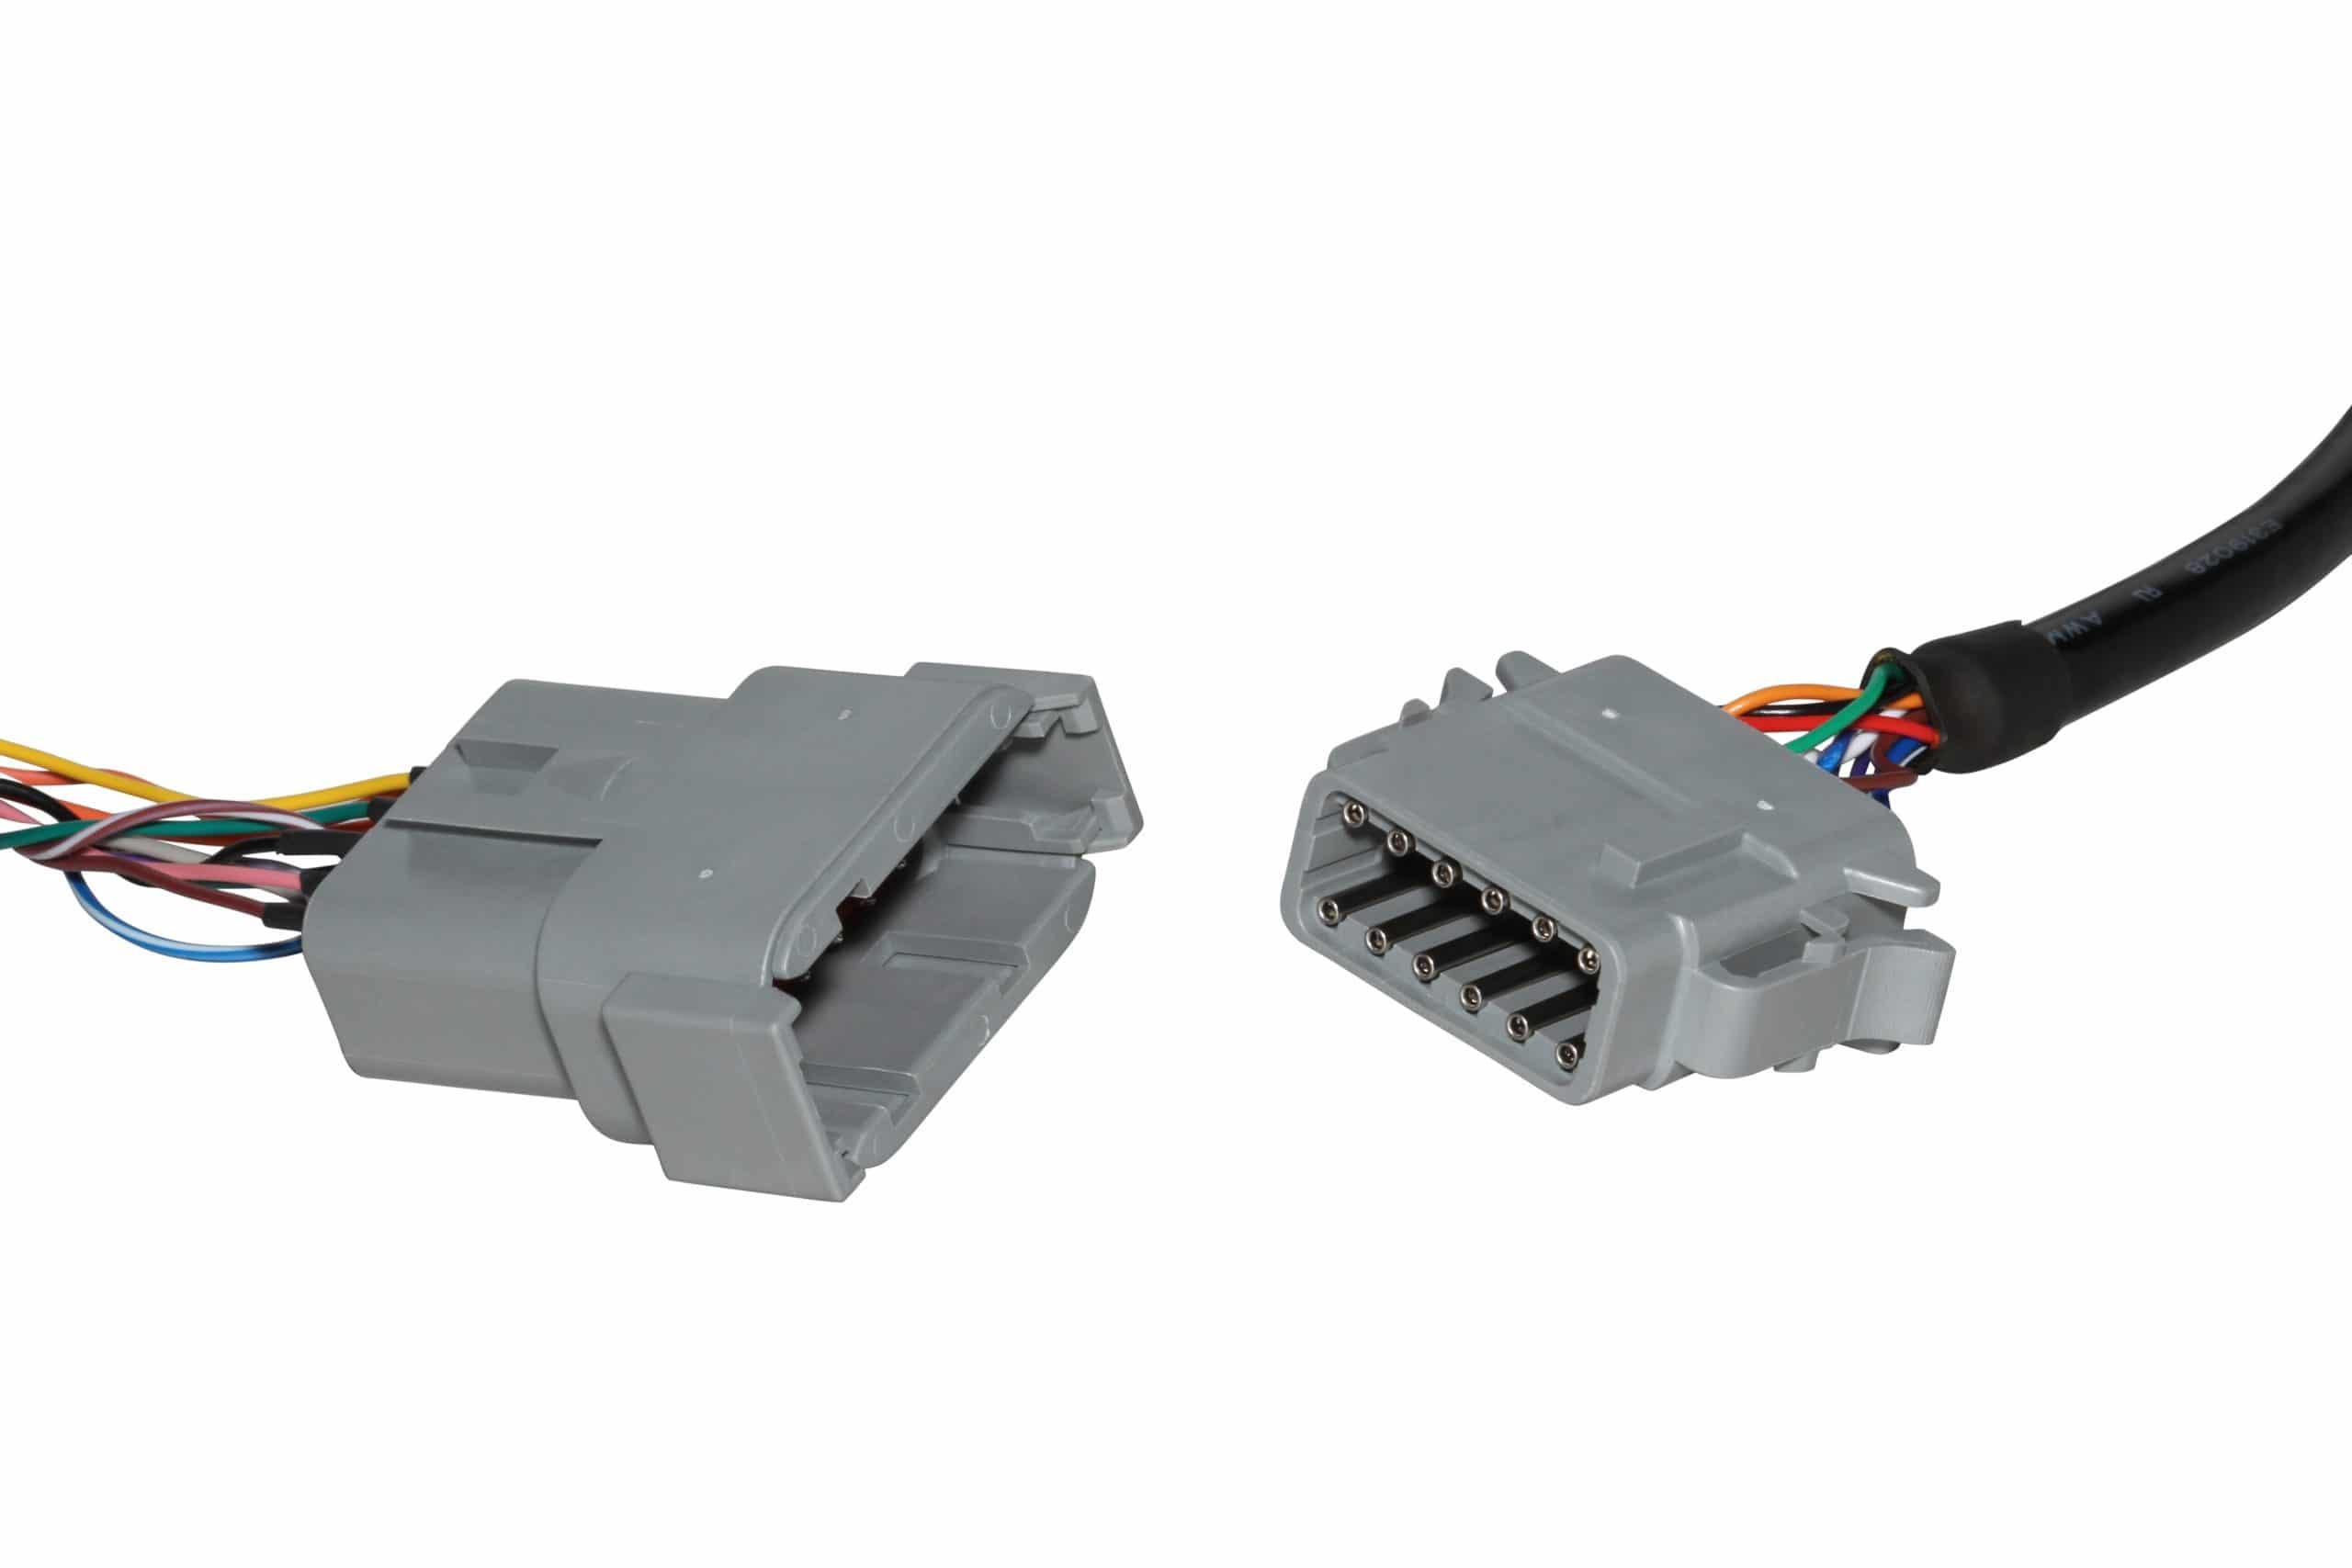 Bild: Geotab HRN-RS12S2 Kabelbaum Adapter für GO 9 RUGGED - Stecker